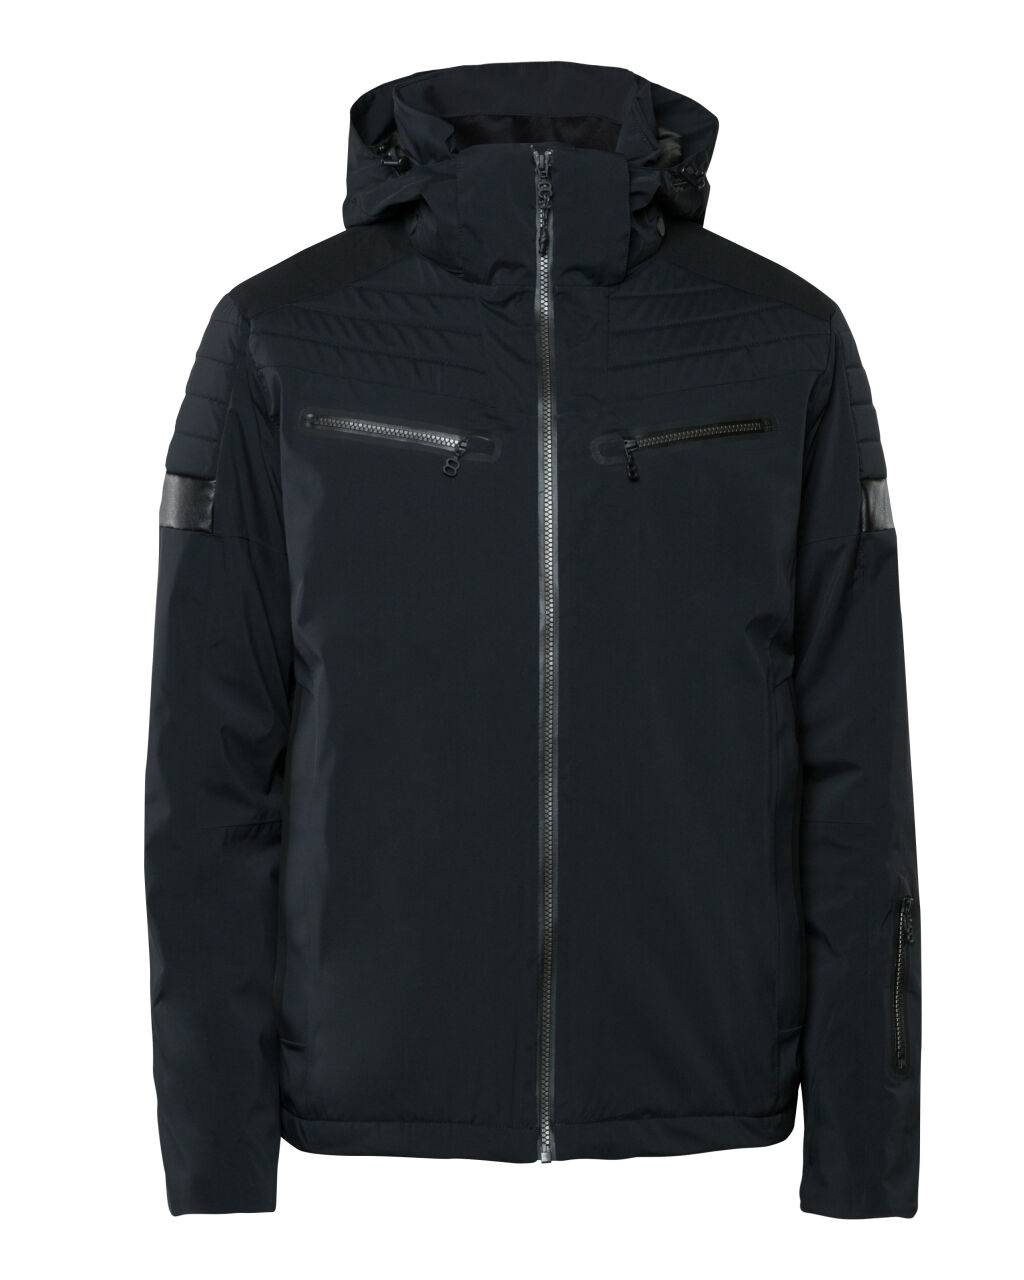 8848 Altitude Hayride jacket mMiesten toppatakki